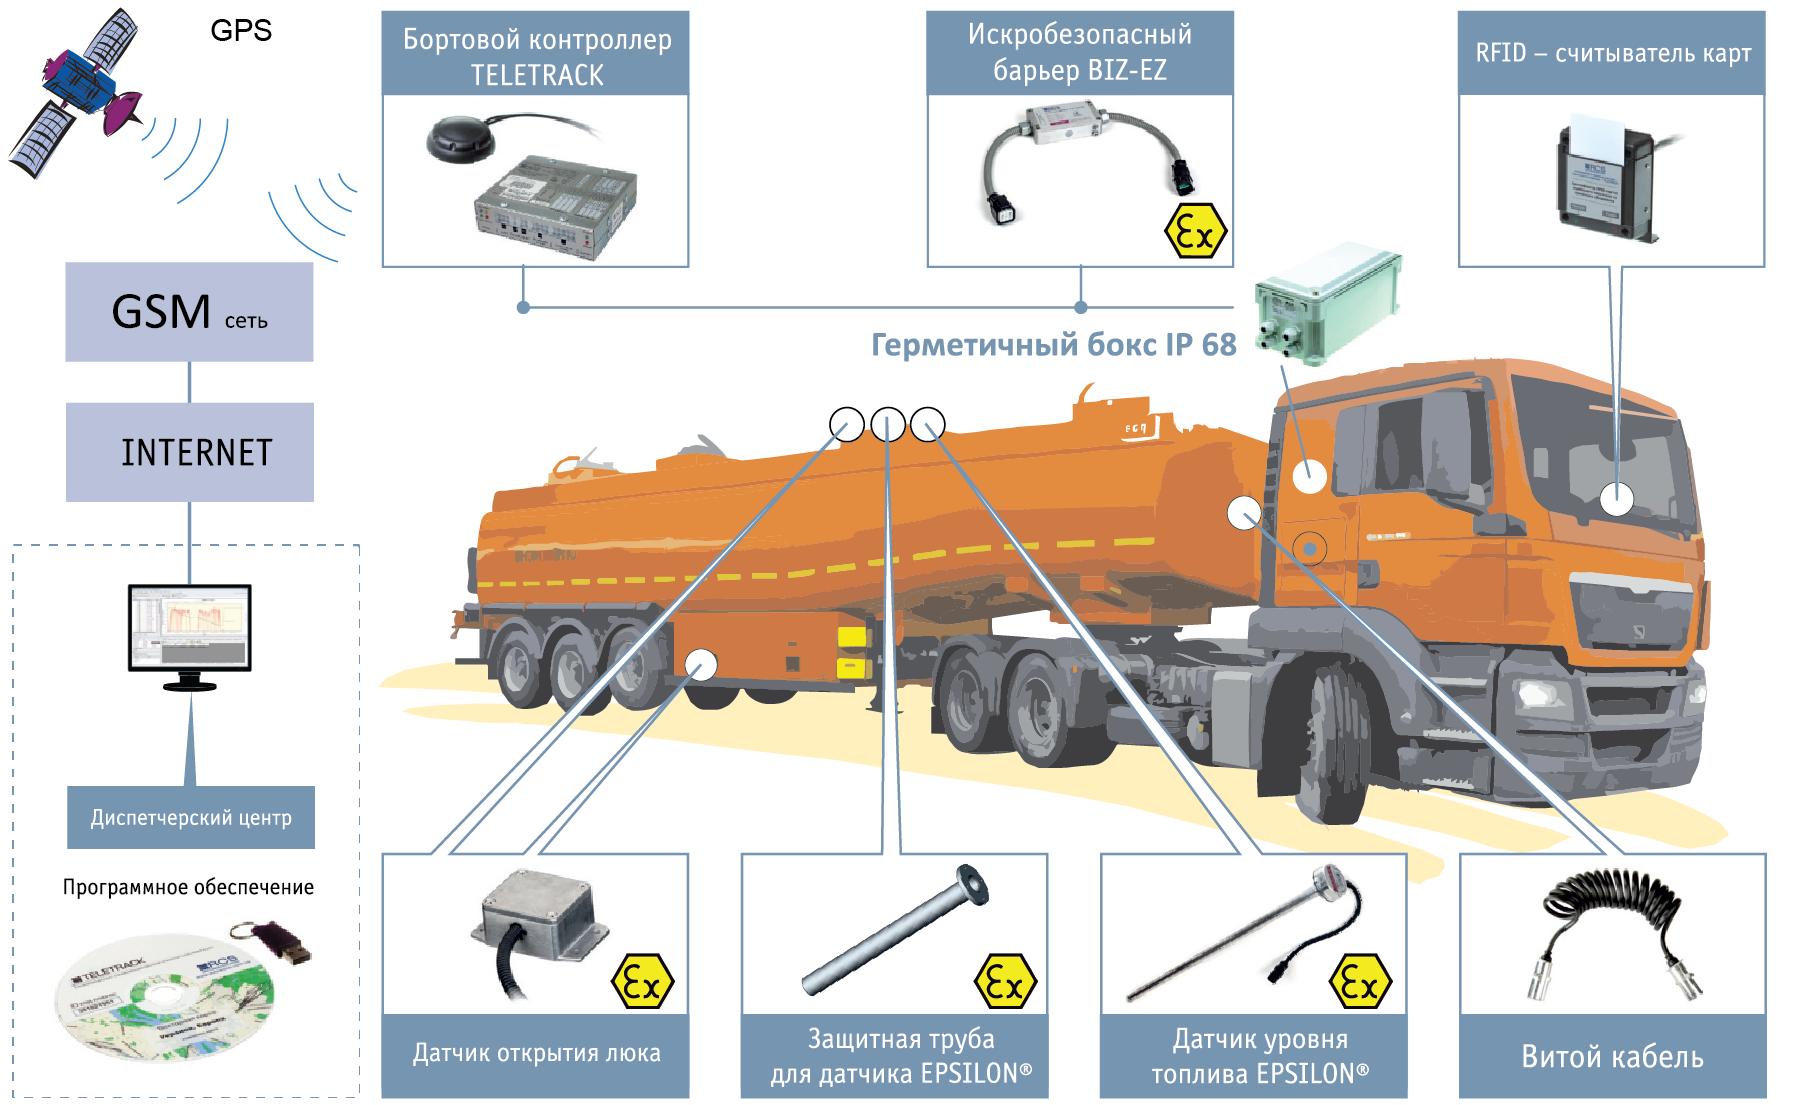 GPS мониторинг транспортировки топлива автомобильным транспортом